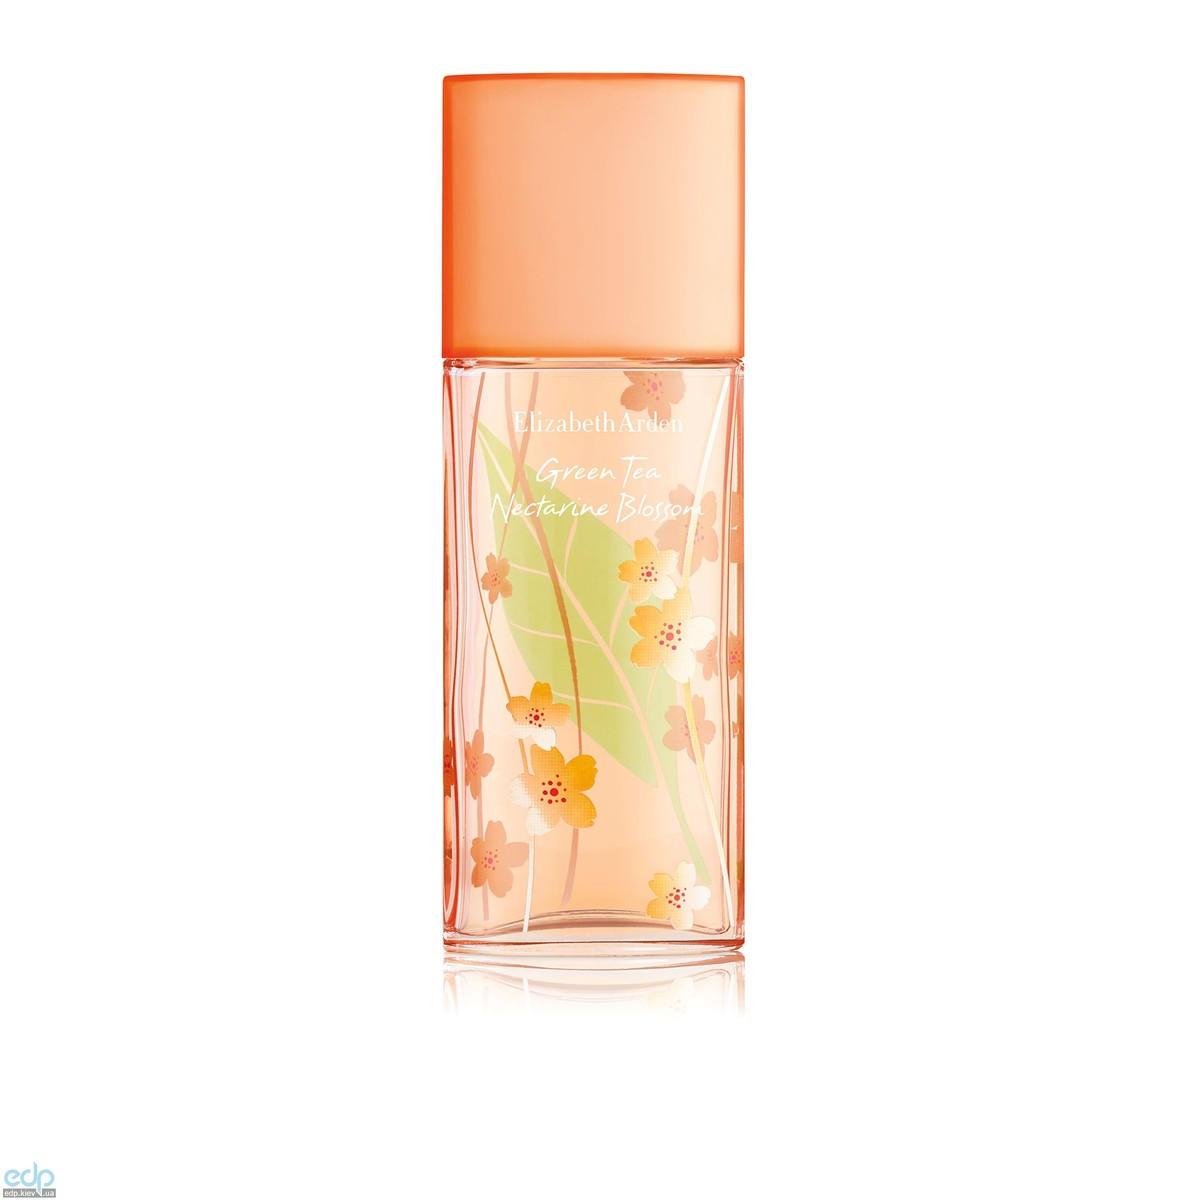 Elizabeth Arden Green Tea Nectarine Blossom